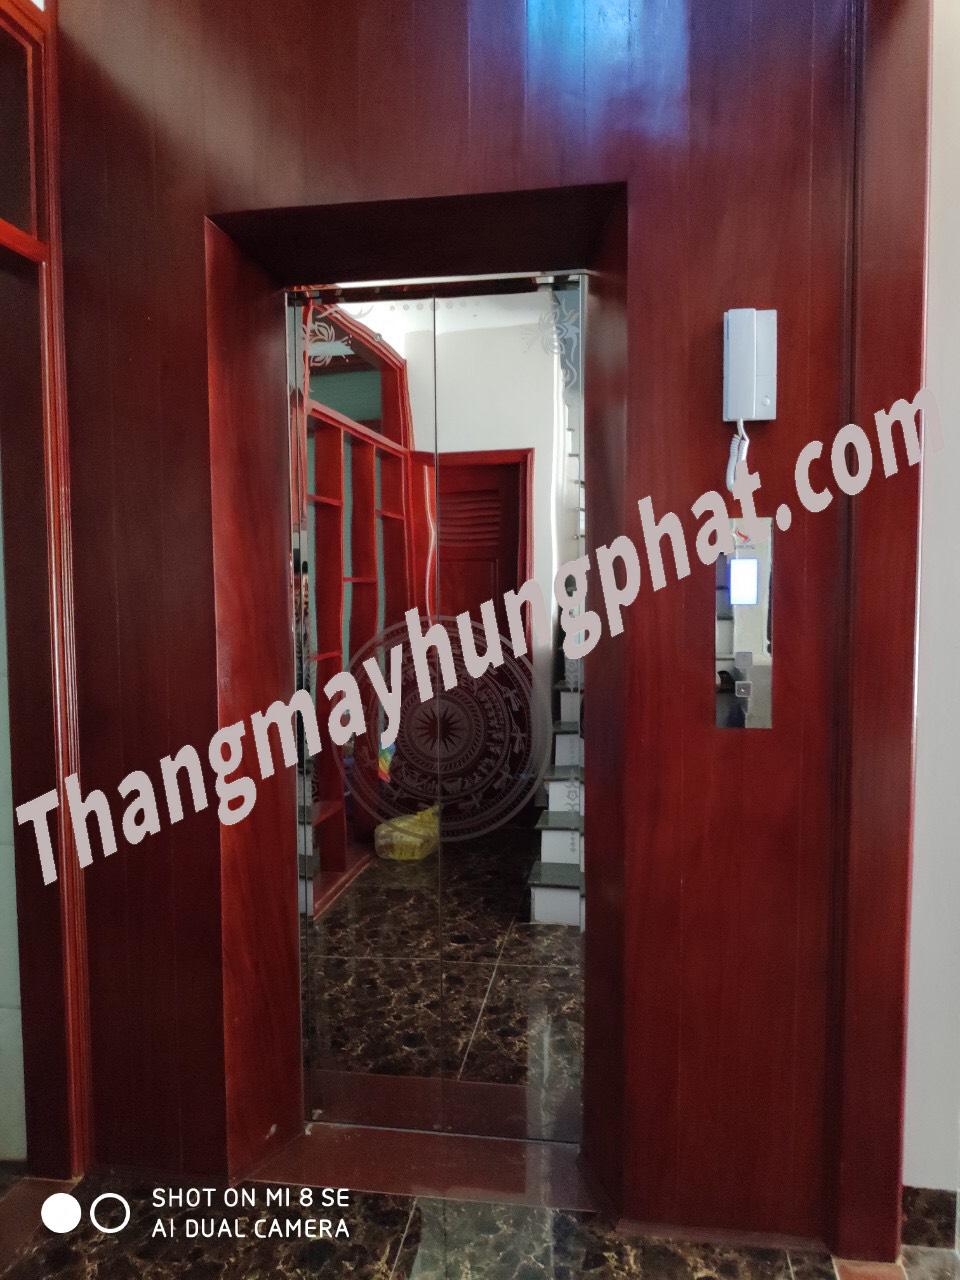 Lắp đặt thang máy tại Phường Ngô Quyền, TP. Bắc Giang anh hùng bắc giang.4